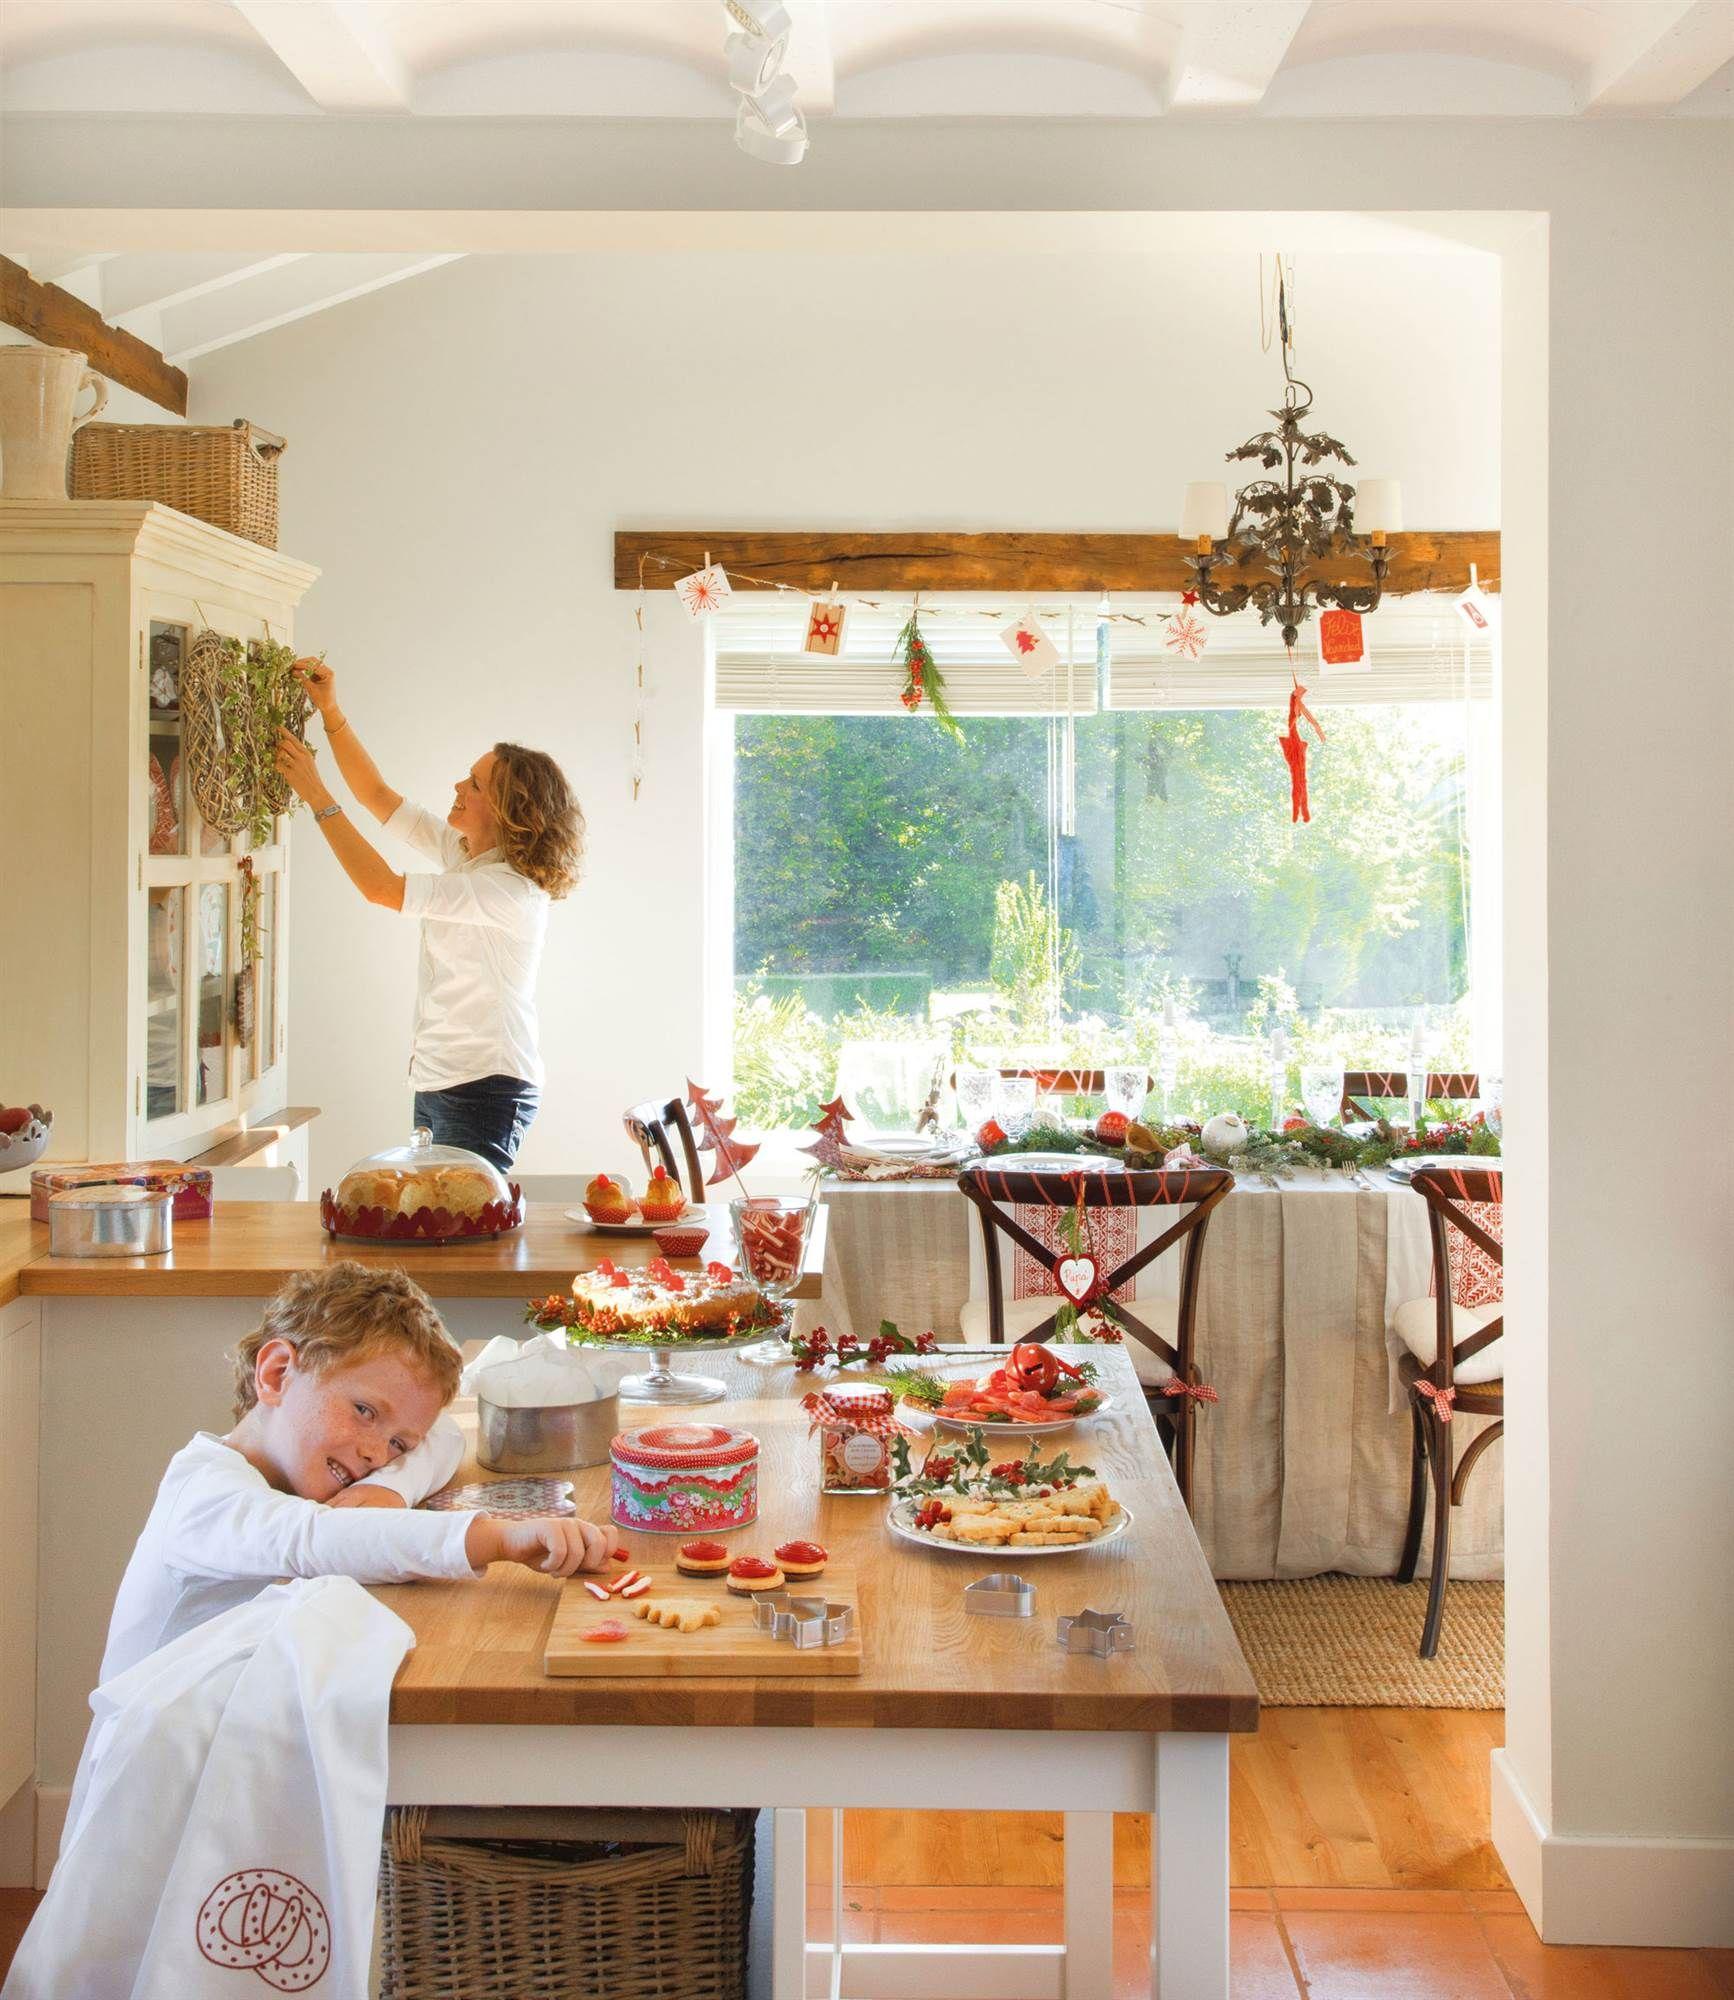 Cocina y edor r sticos decorados de Navidad